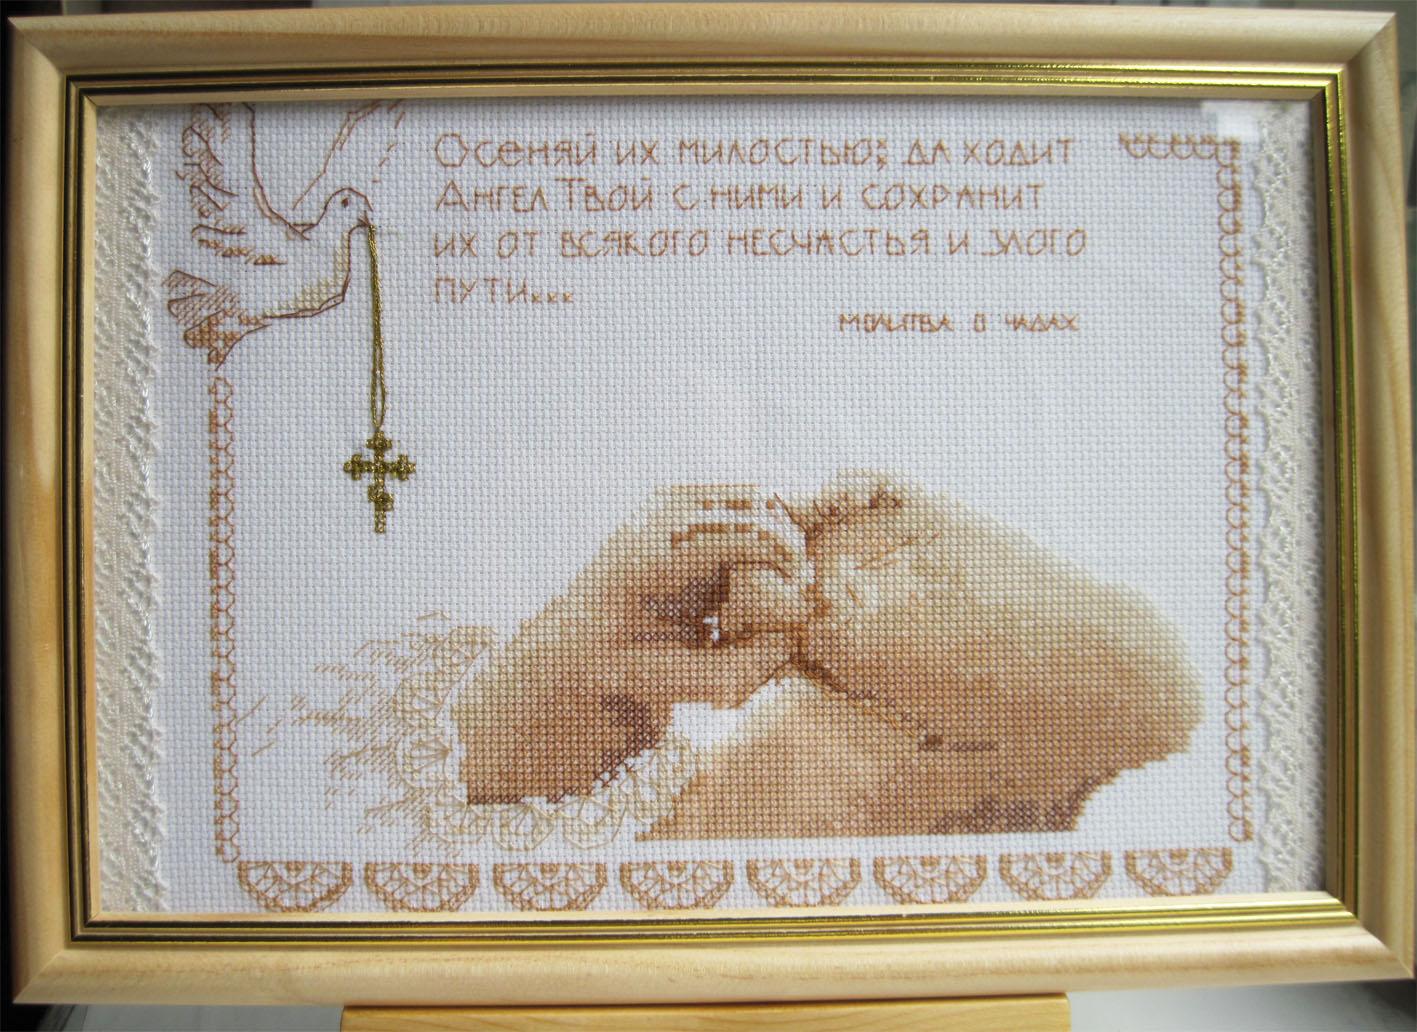 Вышивка крестом молитвы о чадах